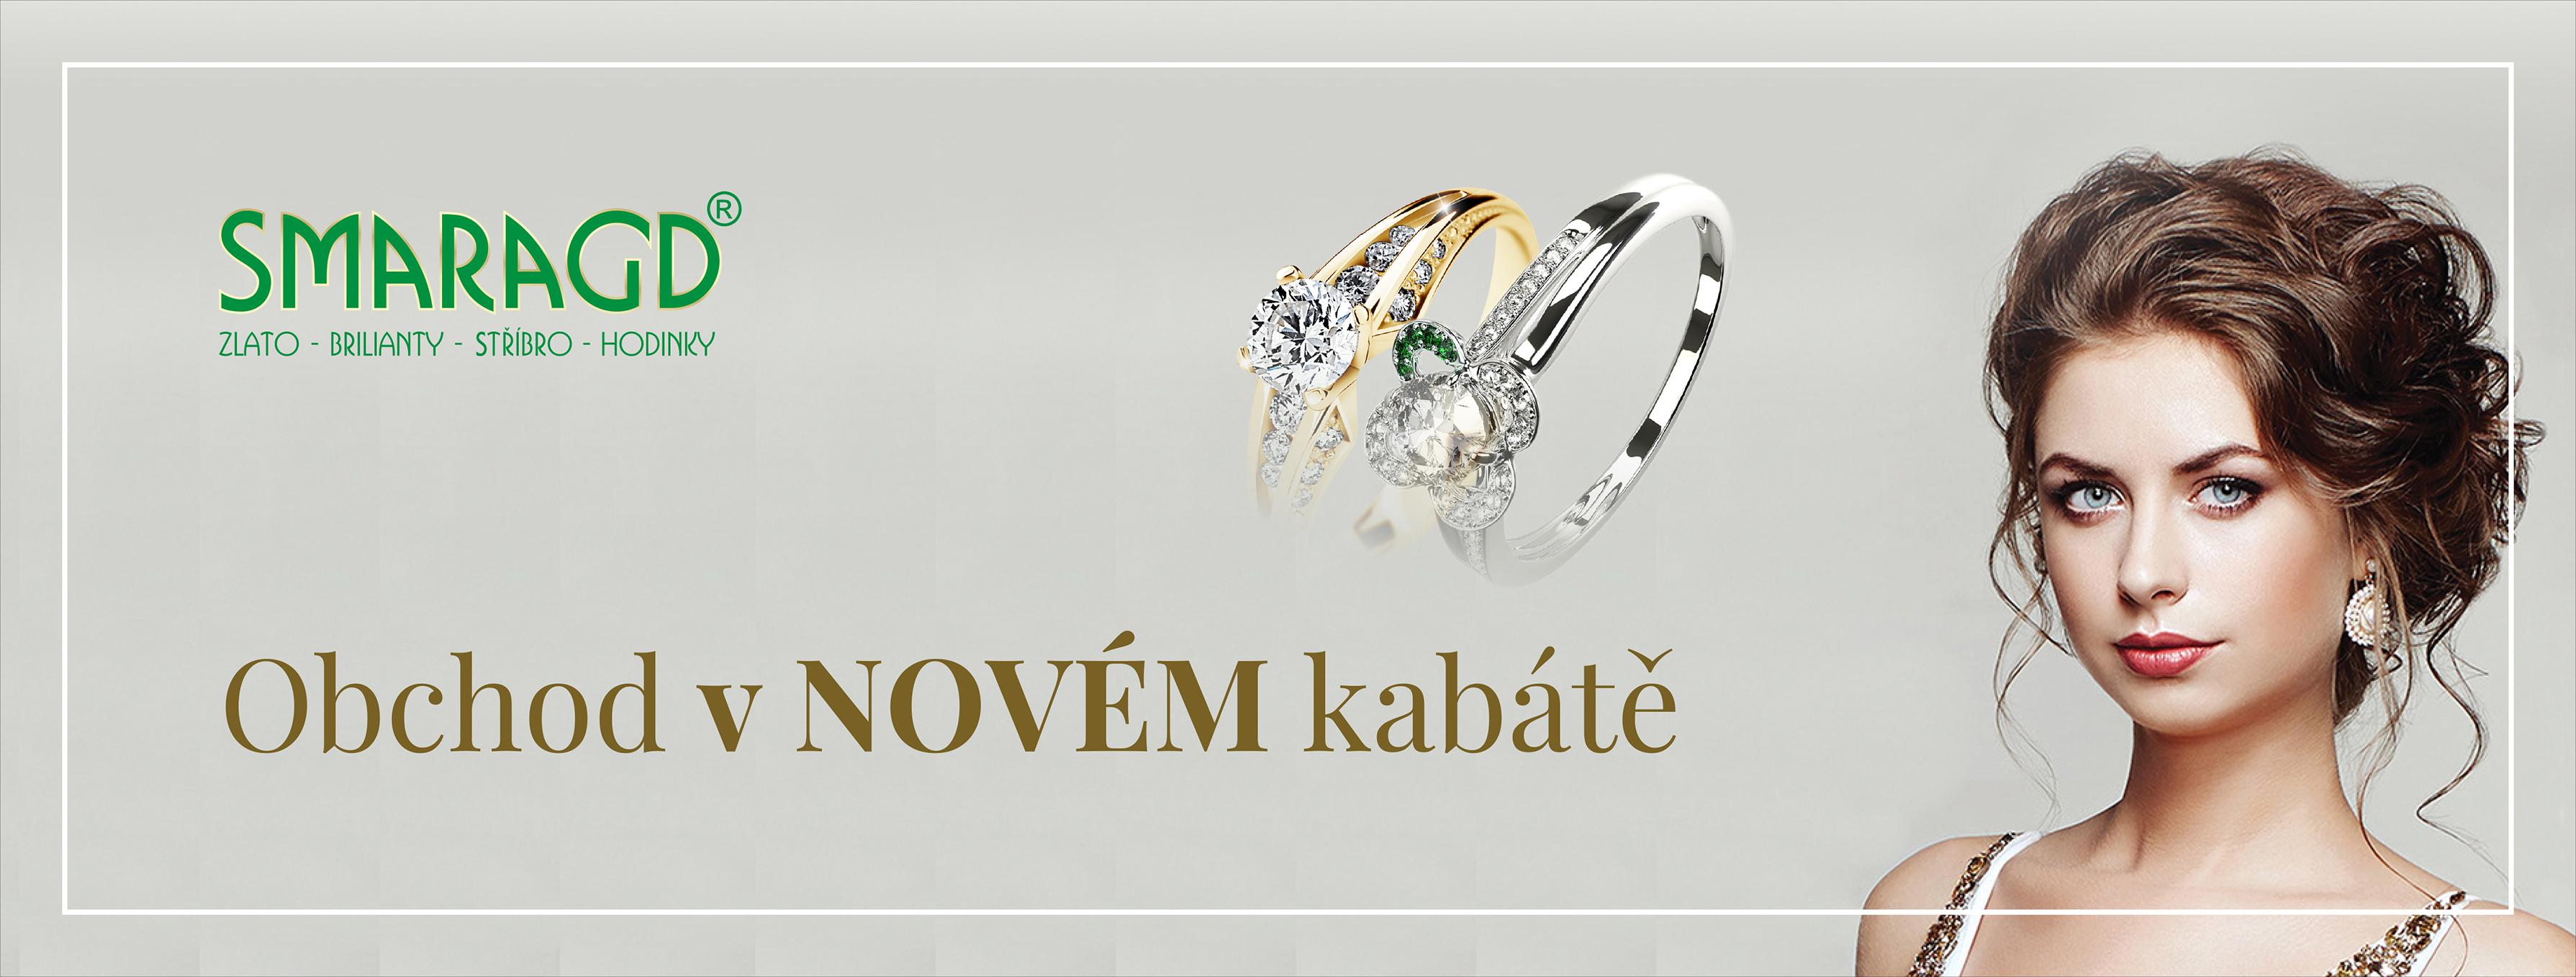 Novy kabat - web